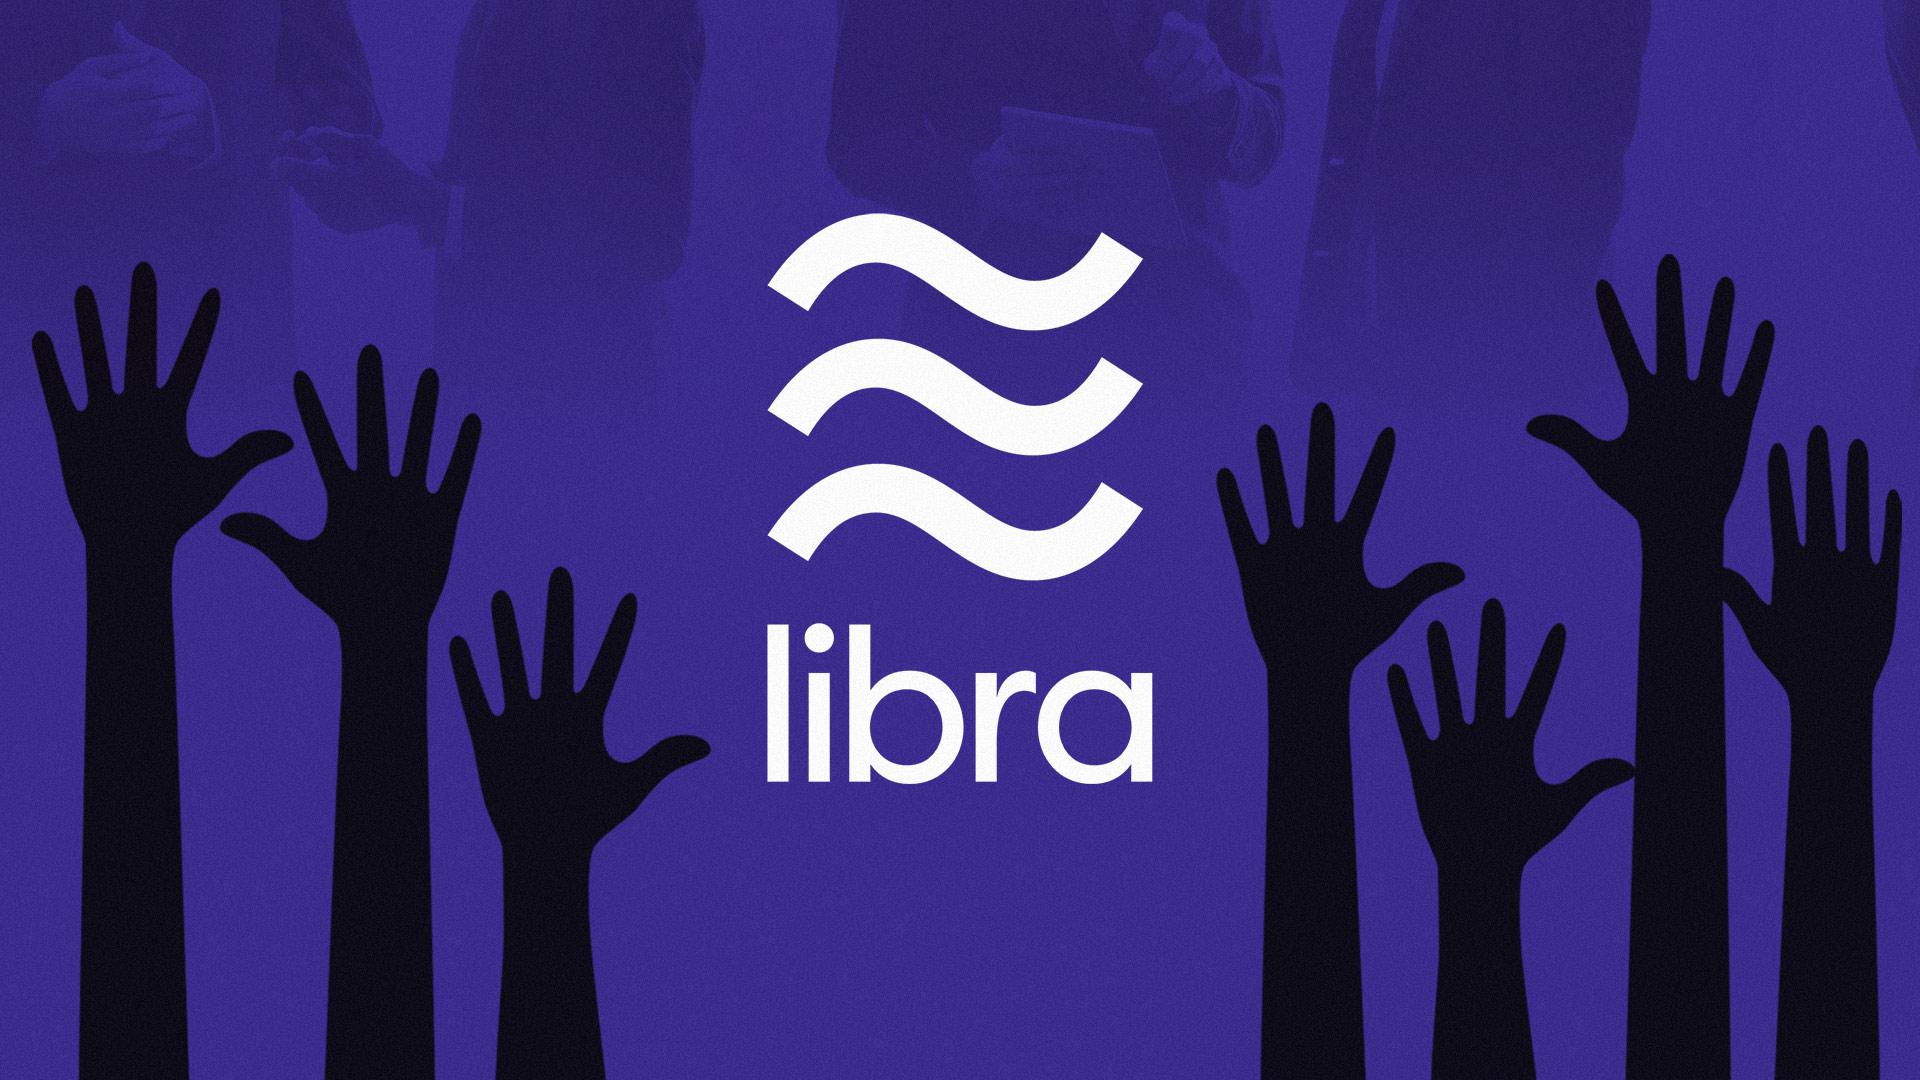 Facebook anuncia criação da Libra, sua própria criptomoeda